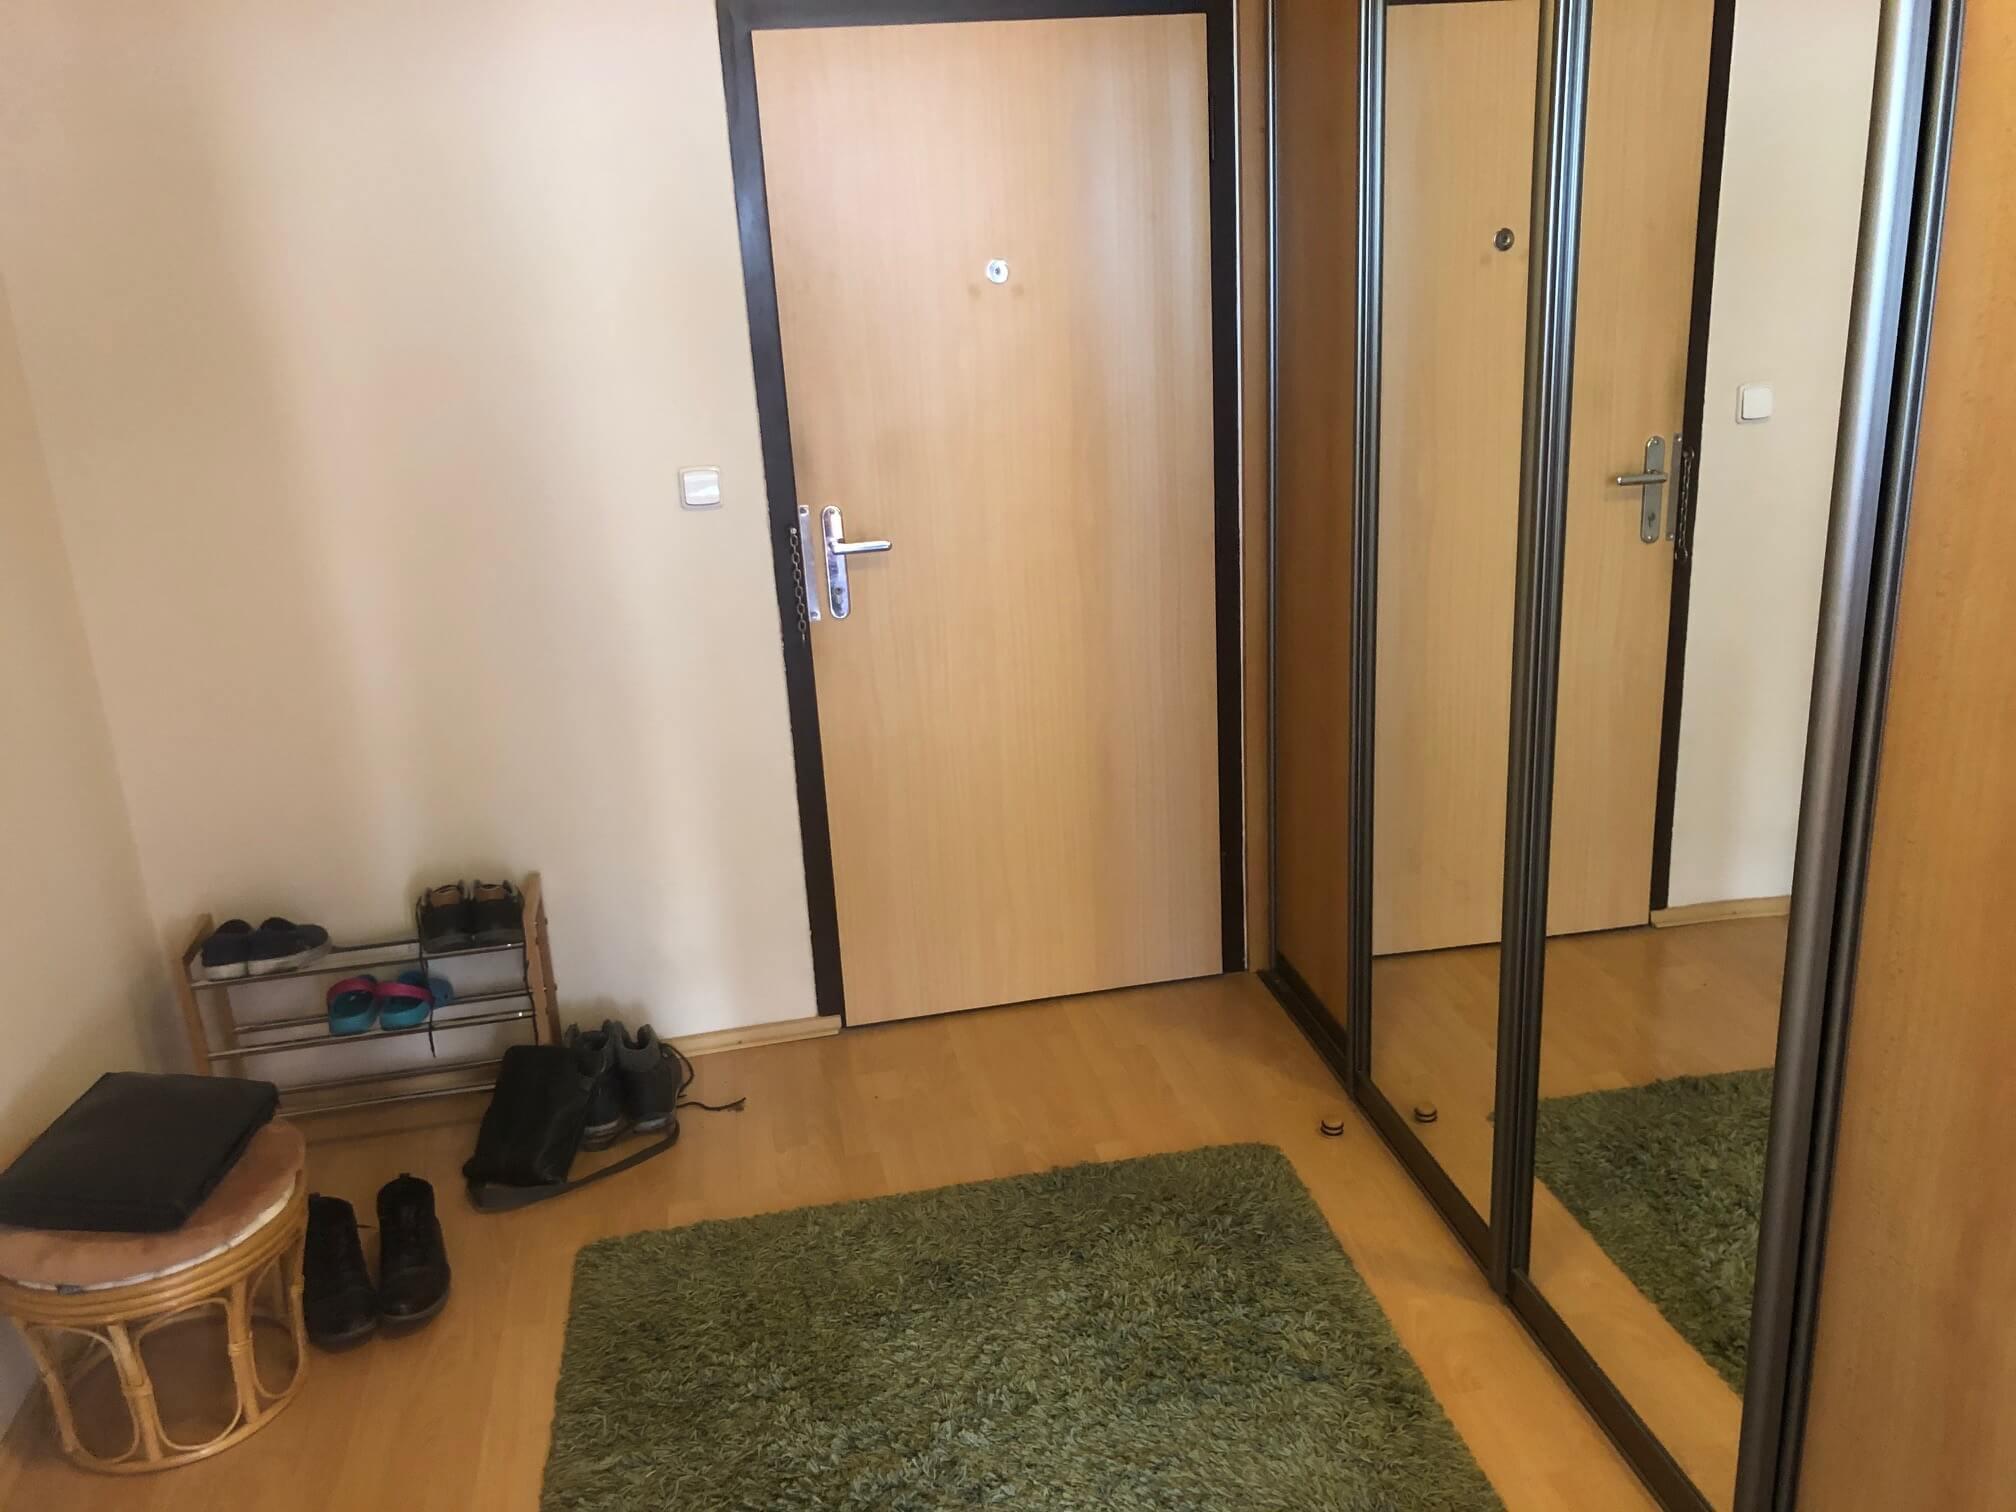 Exkluzívne na predaj 3 izbový byt, Devínska Nová Ves, Jána Poničana 3, 65m2, balkon 4m2,klimatizácia-42